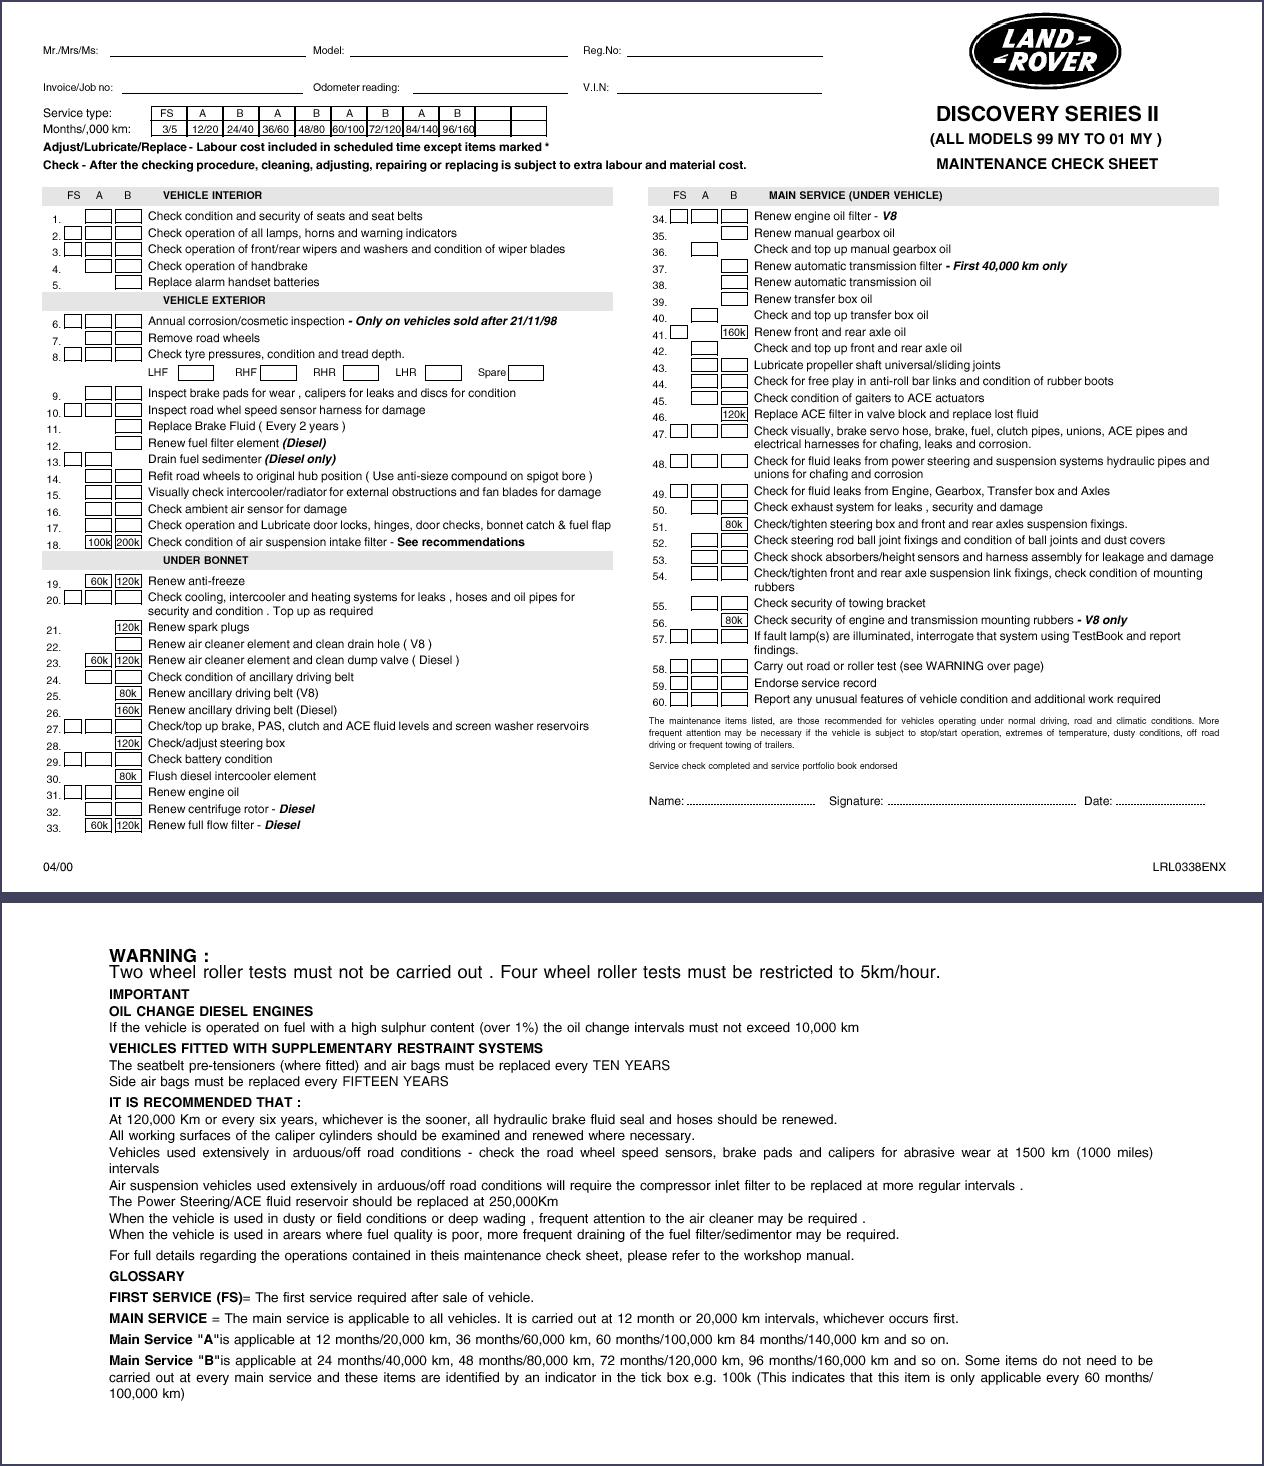 freelander 2 service schedule pdf